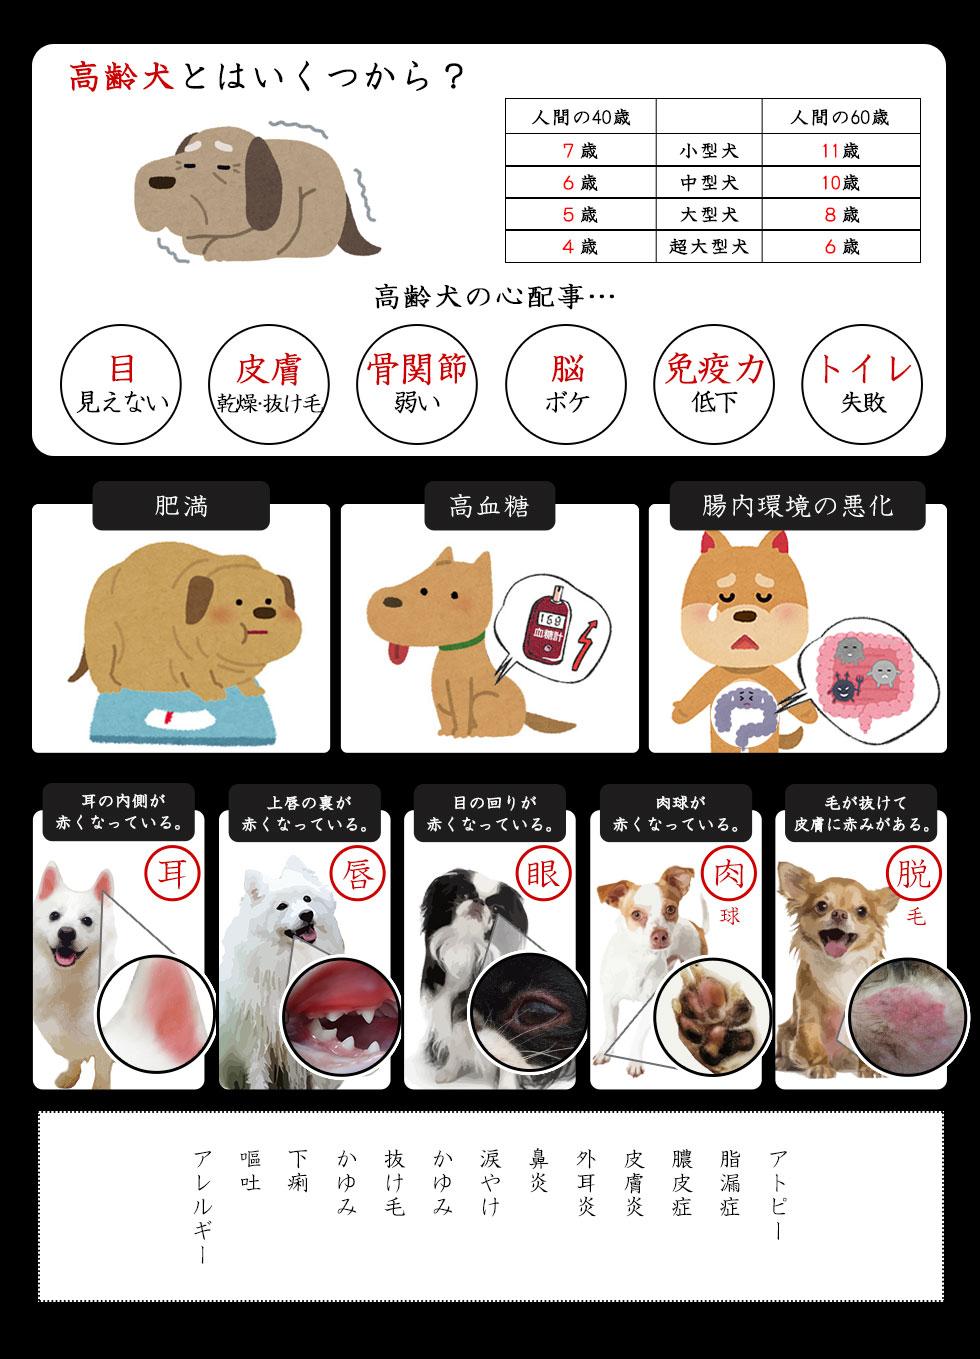 高齢犬 肥満 高血糖 腸内環境の悪化 耳の内側の赤い 上唇が赤い 目の周り赤い 肉球が赤い 毛が抜けて皮膚に赤み